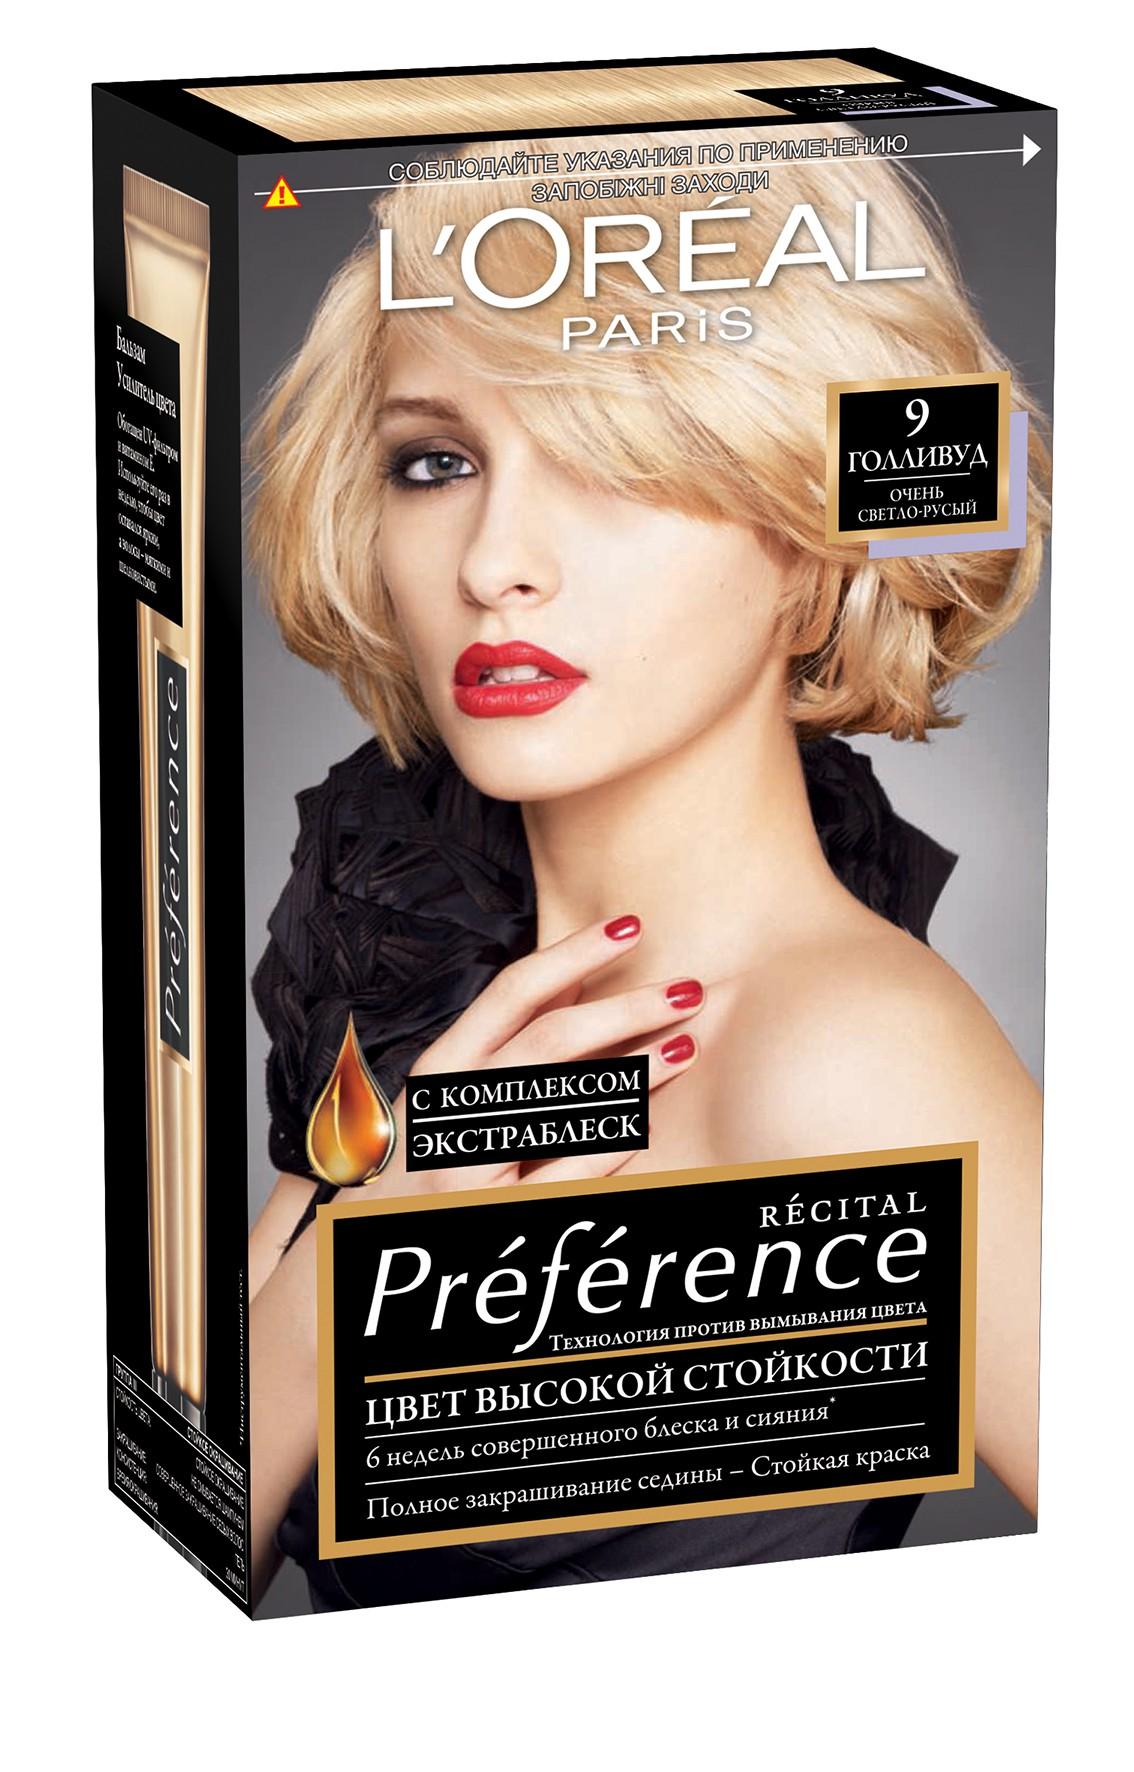 L'Oreal Paris Стойкая краска для волос Preference, оттенок 9, Голливуд l oreal paris стойкая краска для волос preference оттенок 9 1 викинг